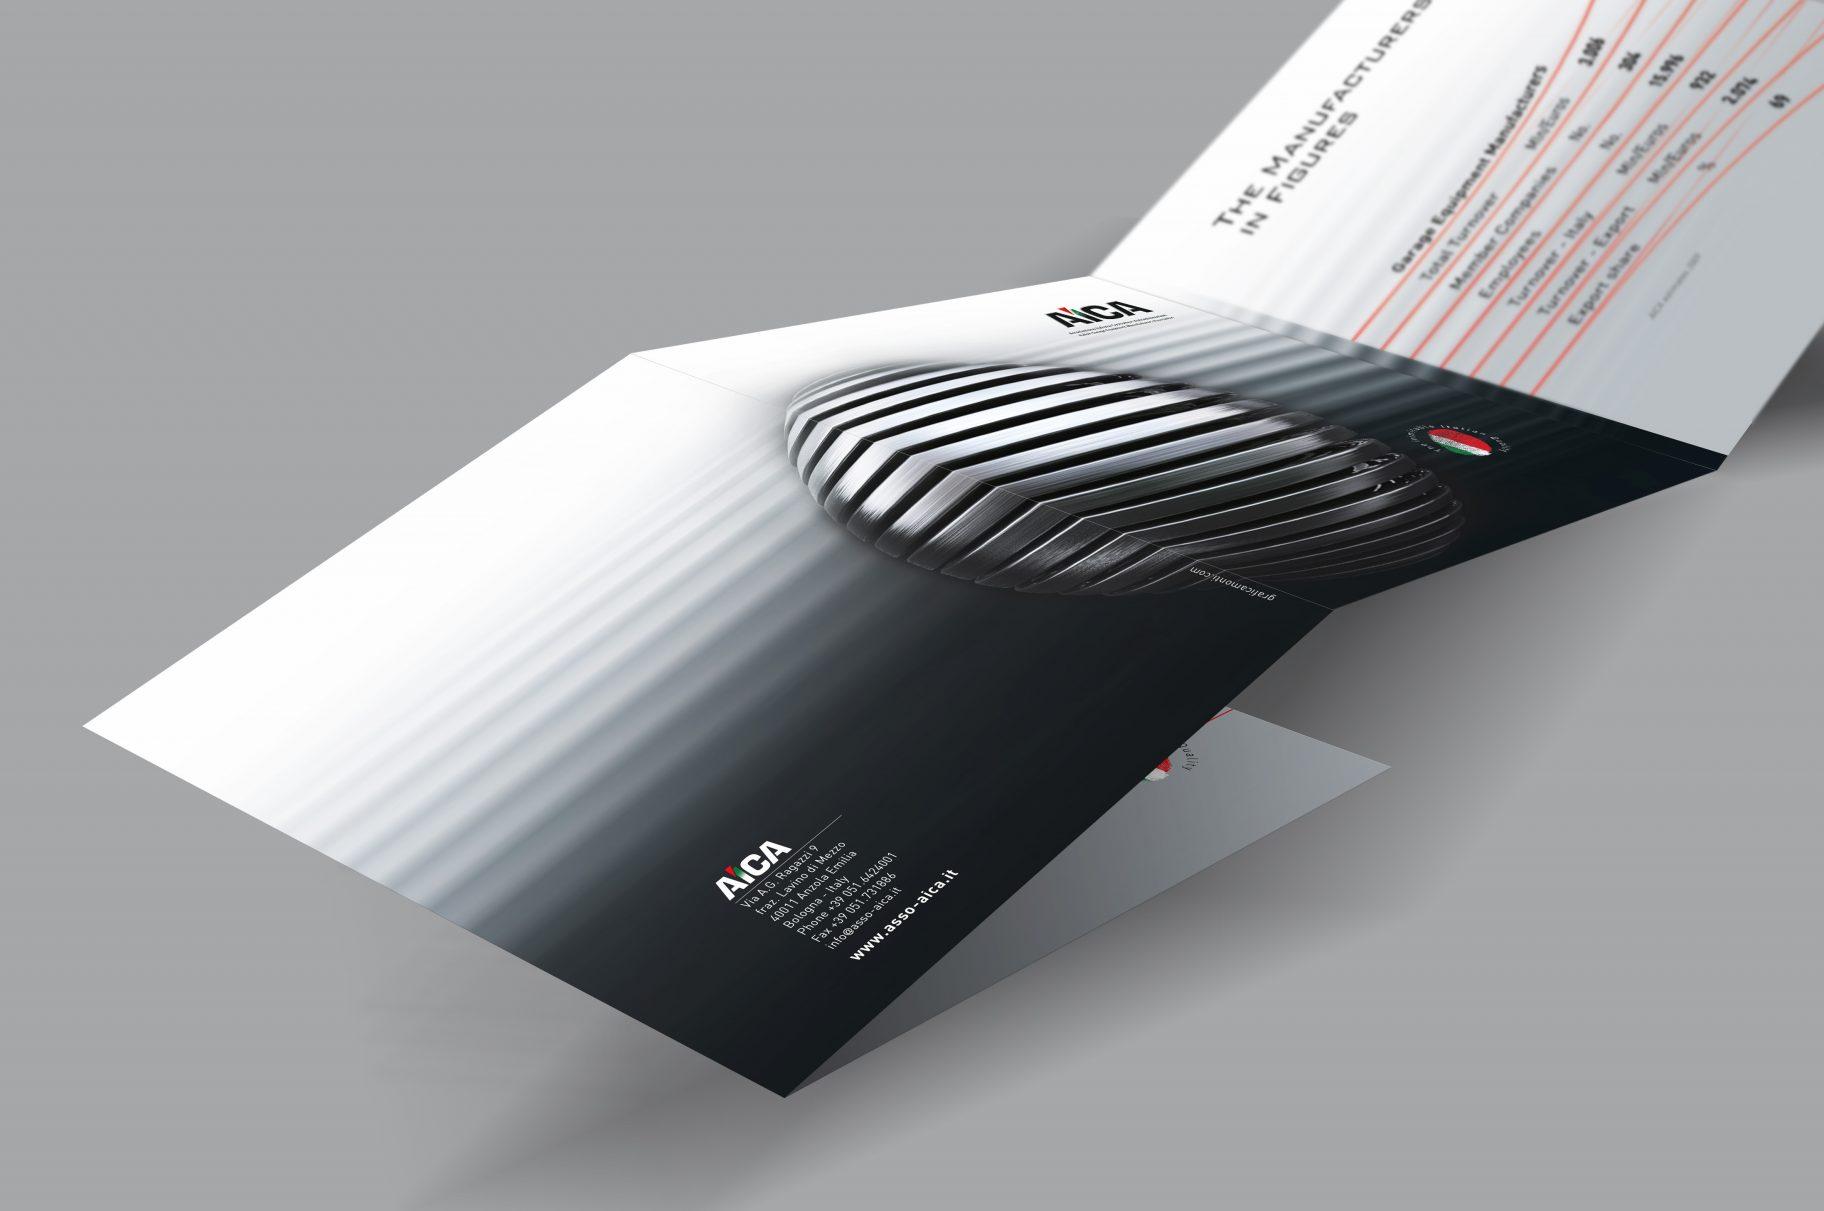 AICA 2011_Brochure-Pieghevole 01